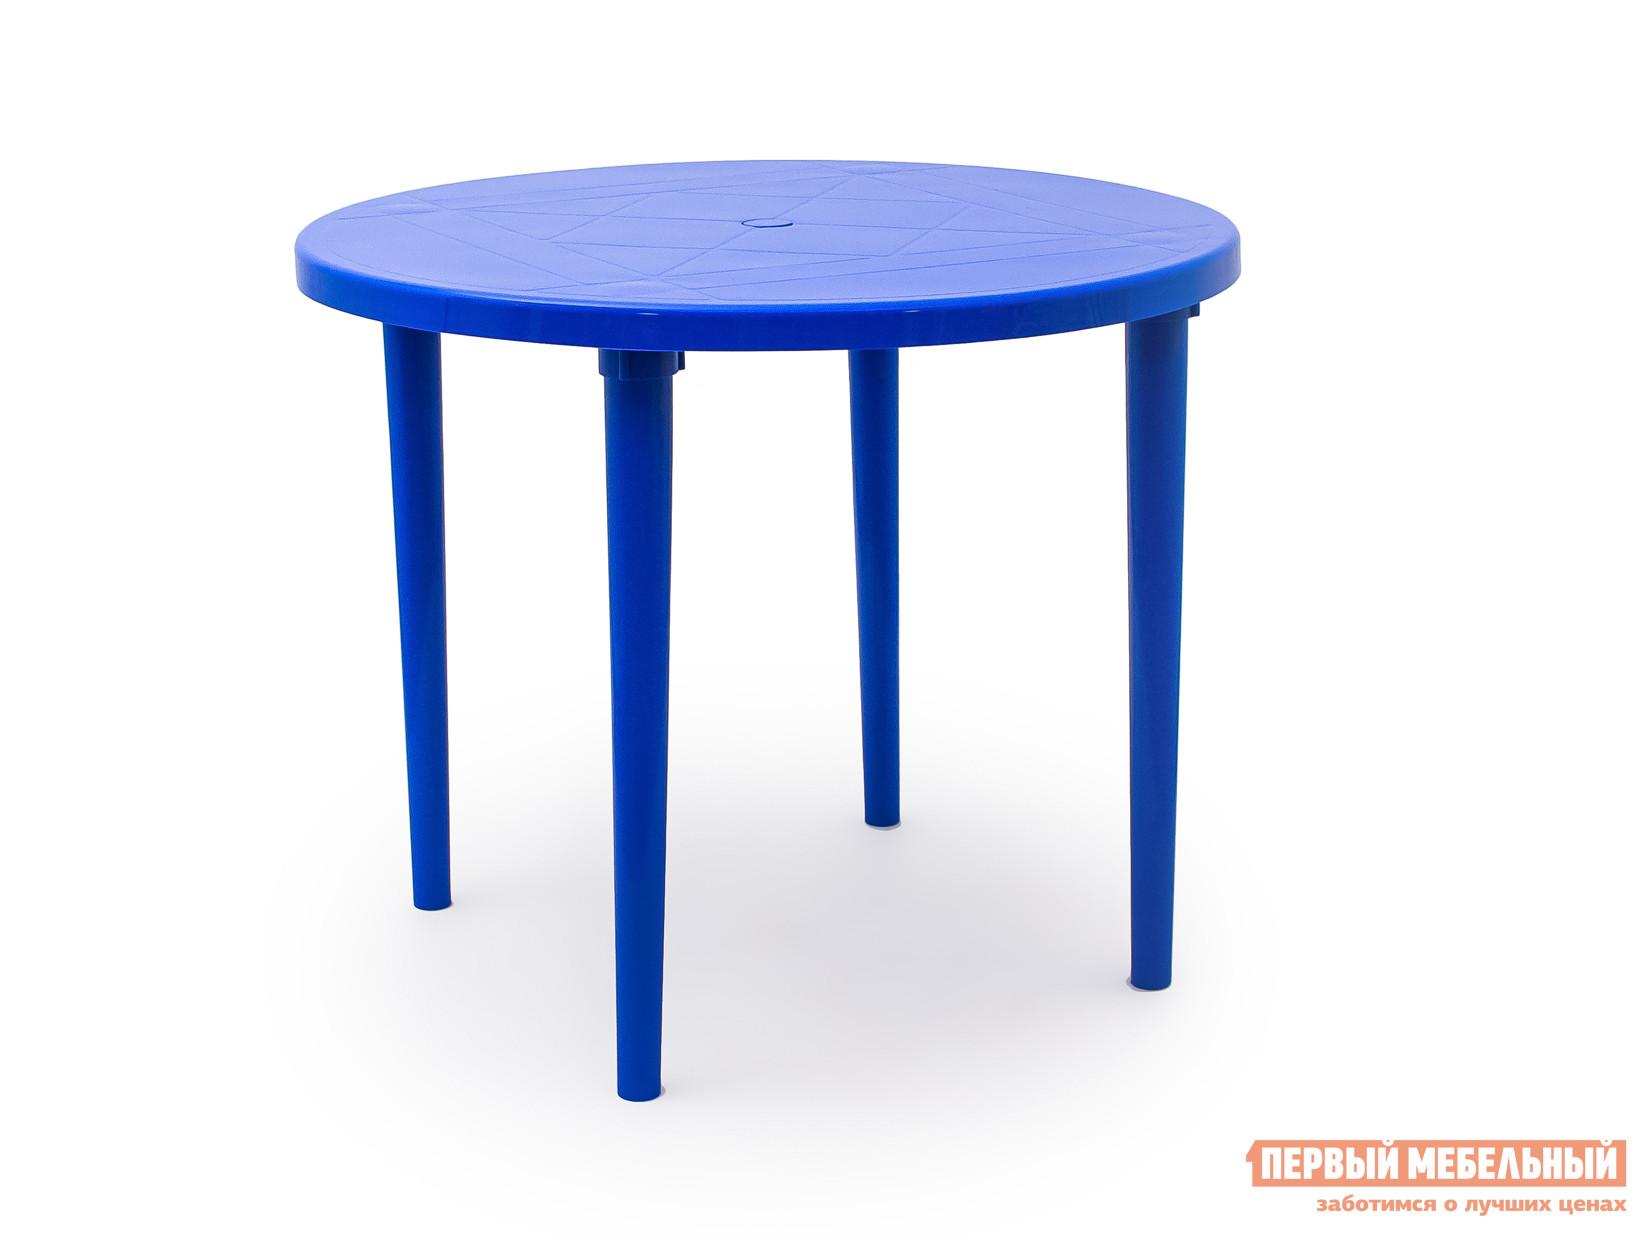 Пластиковый стол Стандарт Пластик Стол круглый, д. 900 мм СинийПластиковые столы<br>Габаритные размеры ВхШхГ 710x900x900 мм. Пластиковый круглый стол д.  900 мм Рикул совершенно незаменим на даче или в летнем кафе.  Ведь пластик является наиболее практичным материалом для использования на свежем воздухе.  Он легкий, прочный, не боится воды и грязи, температурных перепадов. Широкая круглая столешница создаст удобные условия для обеда всей семьей на террасе или в саду.  В центре есть отверстие для зонта, с которым ваше пребывание даже в солнечный полдень станет комфортным.<br><br>Цвет: Синий<br>Высота мм: 710<br>Ширина мм: 900<br>Глубина мм: 900<br>Кол-во упаковок: 1<br>Форма поставки: В разобранном виде<br>Срок гарантии: 1 год<br>Форма: Круглые<br>Размер: Большие